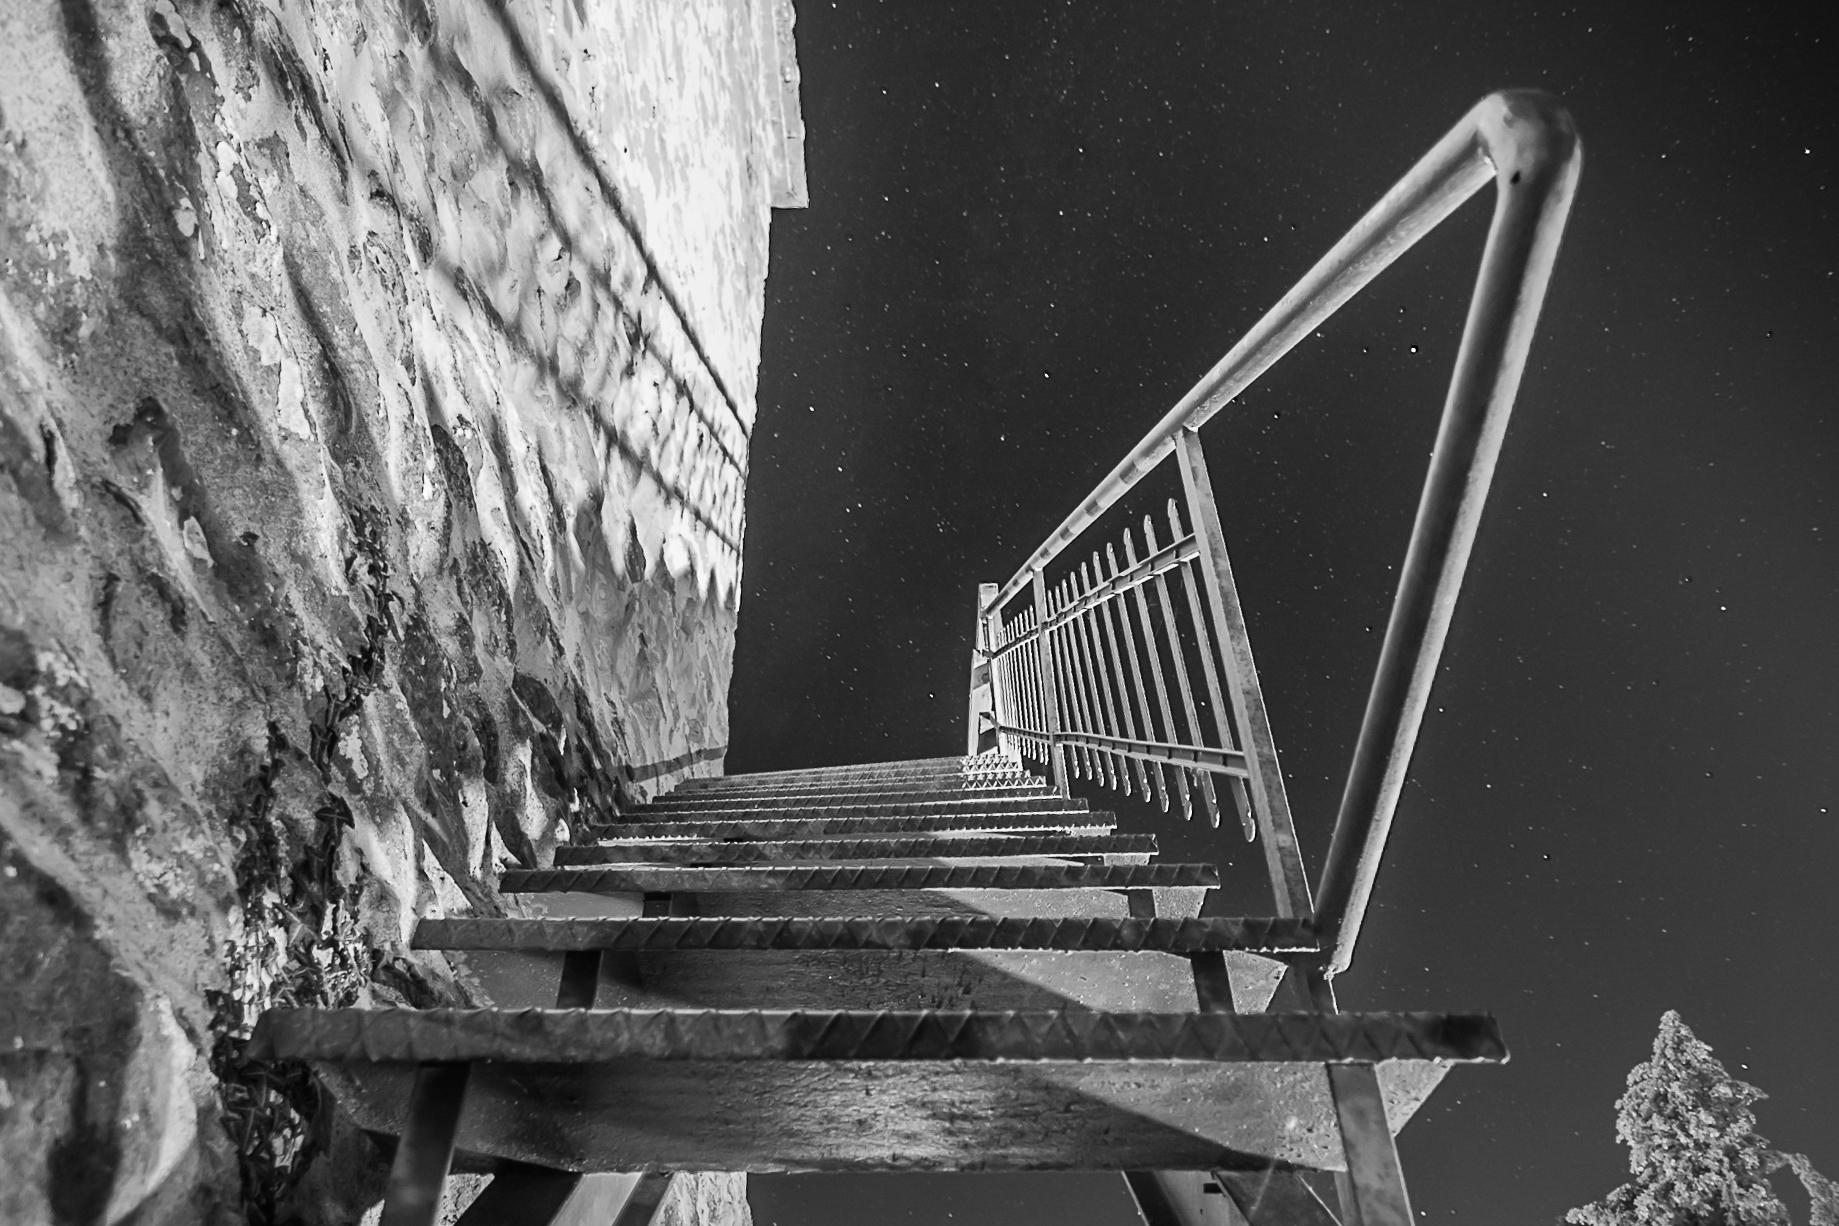 Stairway to the stars. di Massimiliano Pilotto